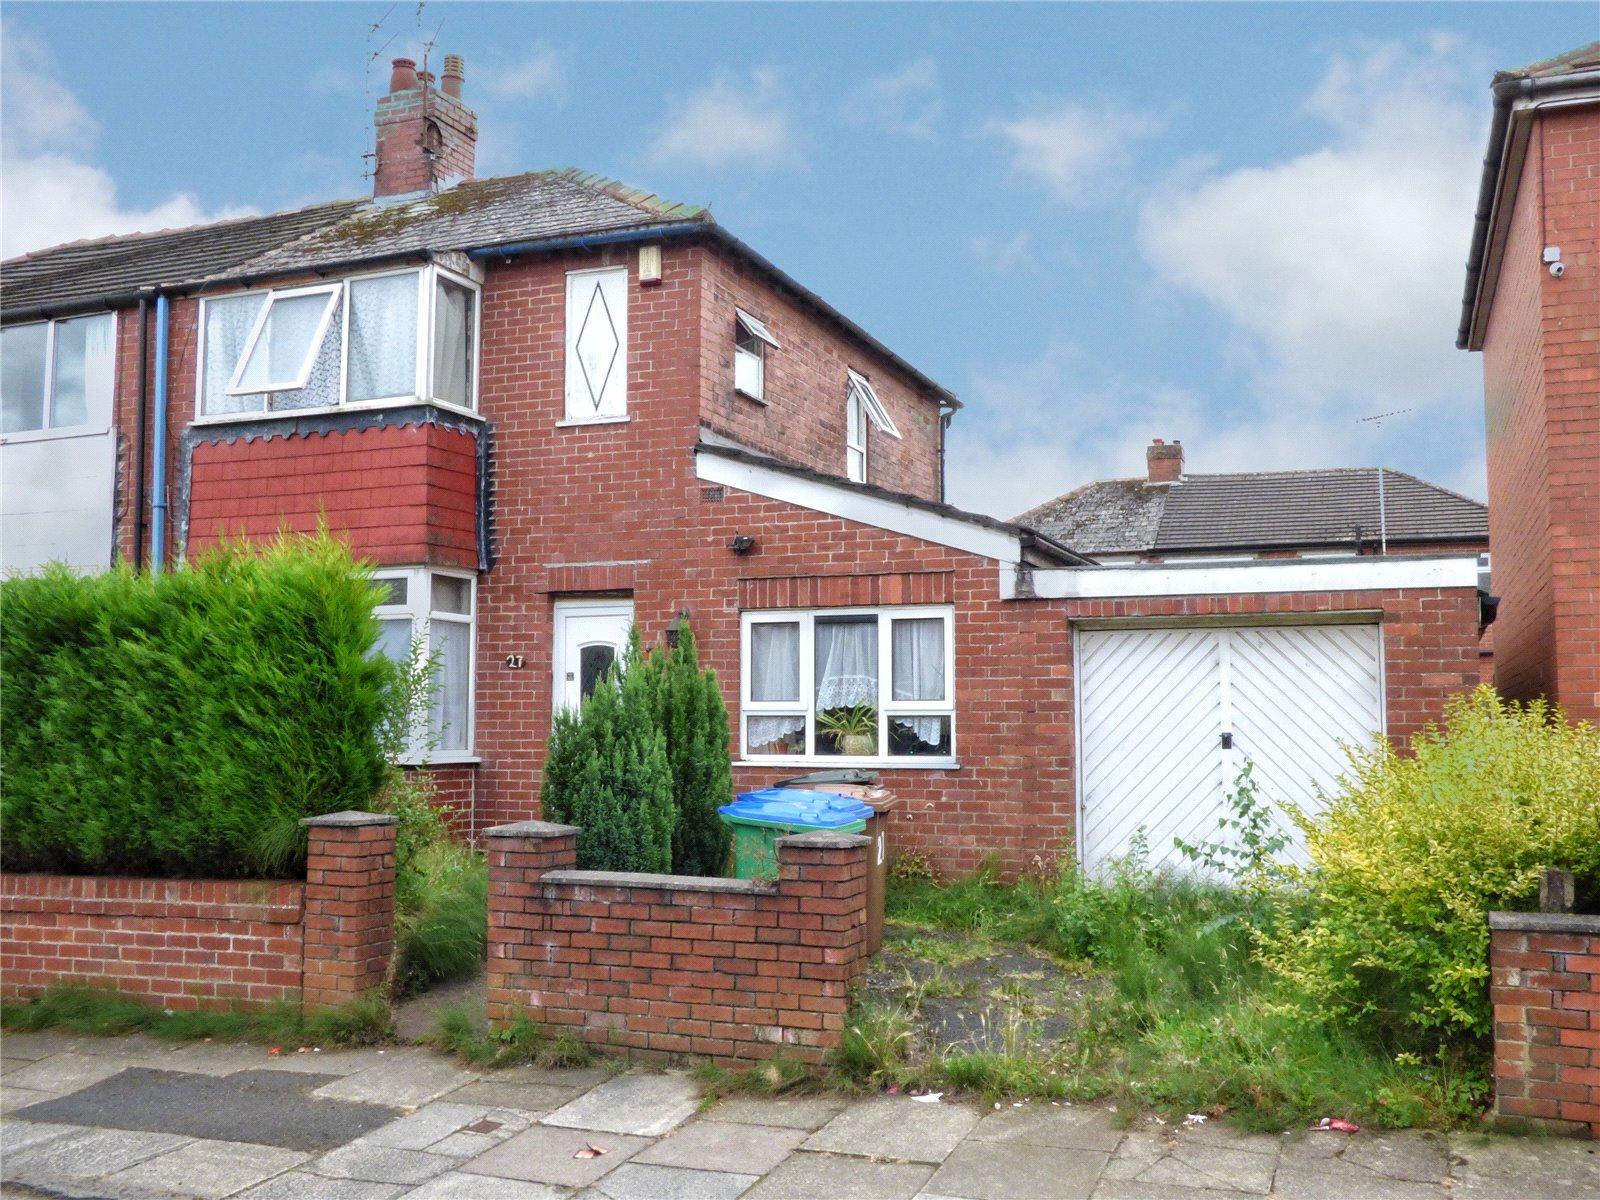 3 Bedrooms Semi Detached House for sale in Harry Street, Castleton, Rochdale, OL11